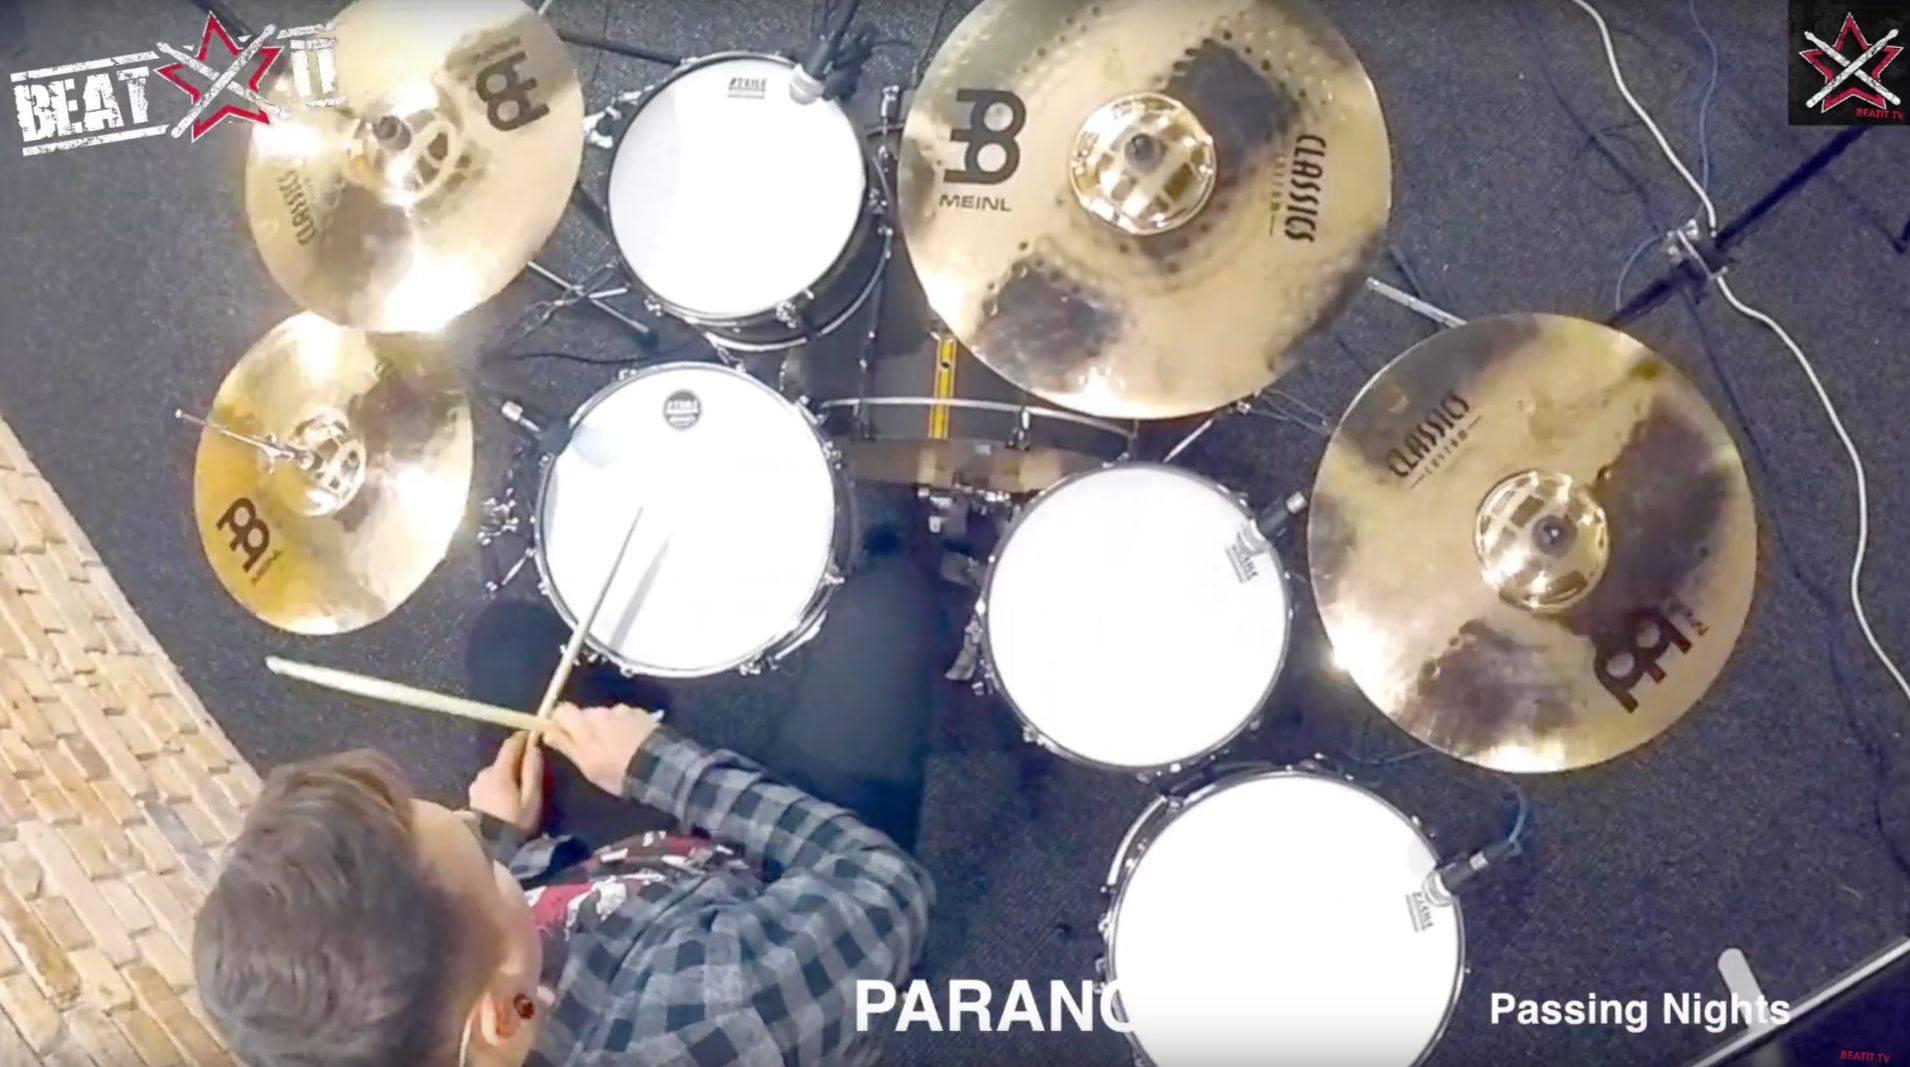 Meinl Classics Custom cymbal set tested by Jeremiasz Baum